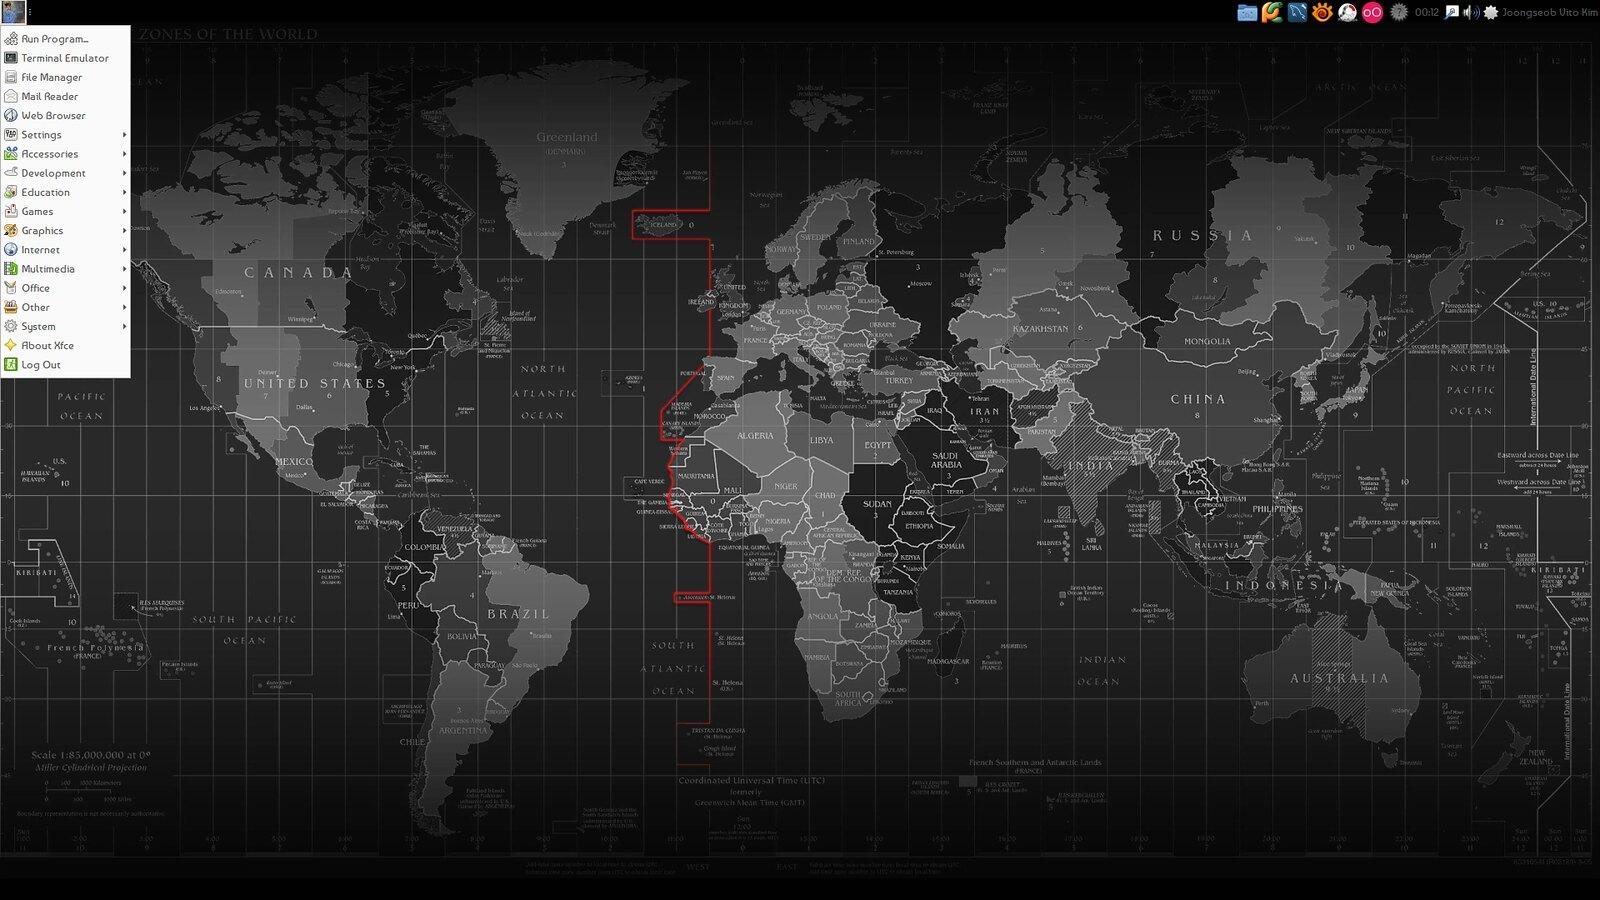 Xfce 환경-'Arch Linux에 LXQt 설치하기'